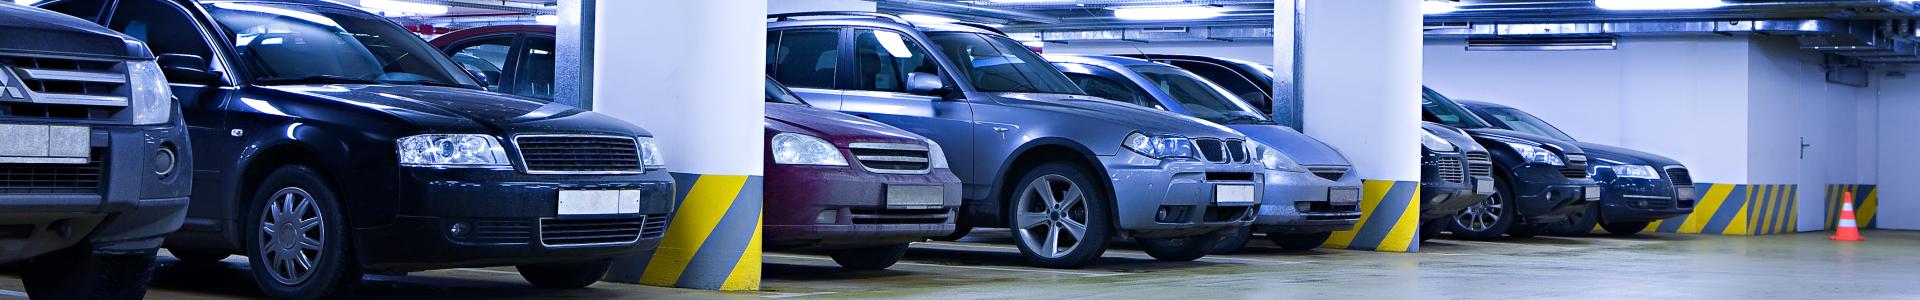 L'aéroport de Carcassonne sécurise ses parkings